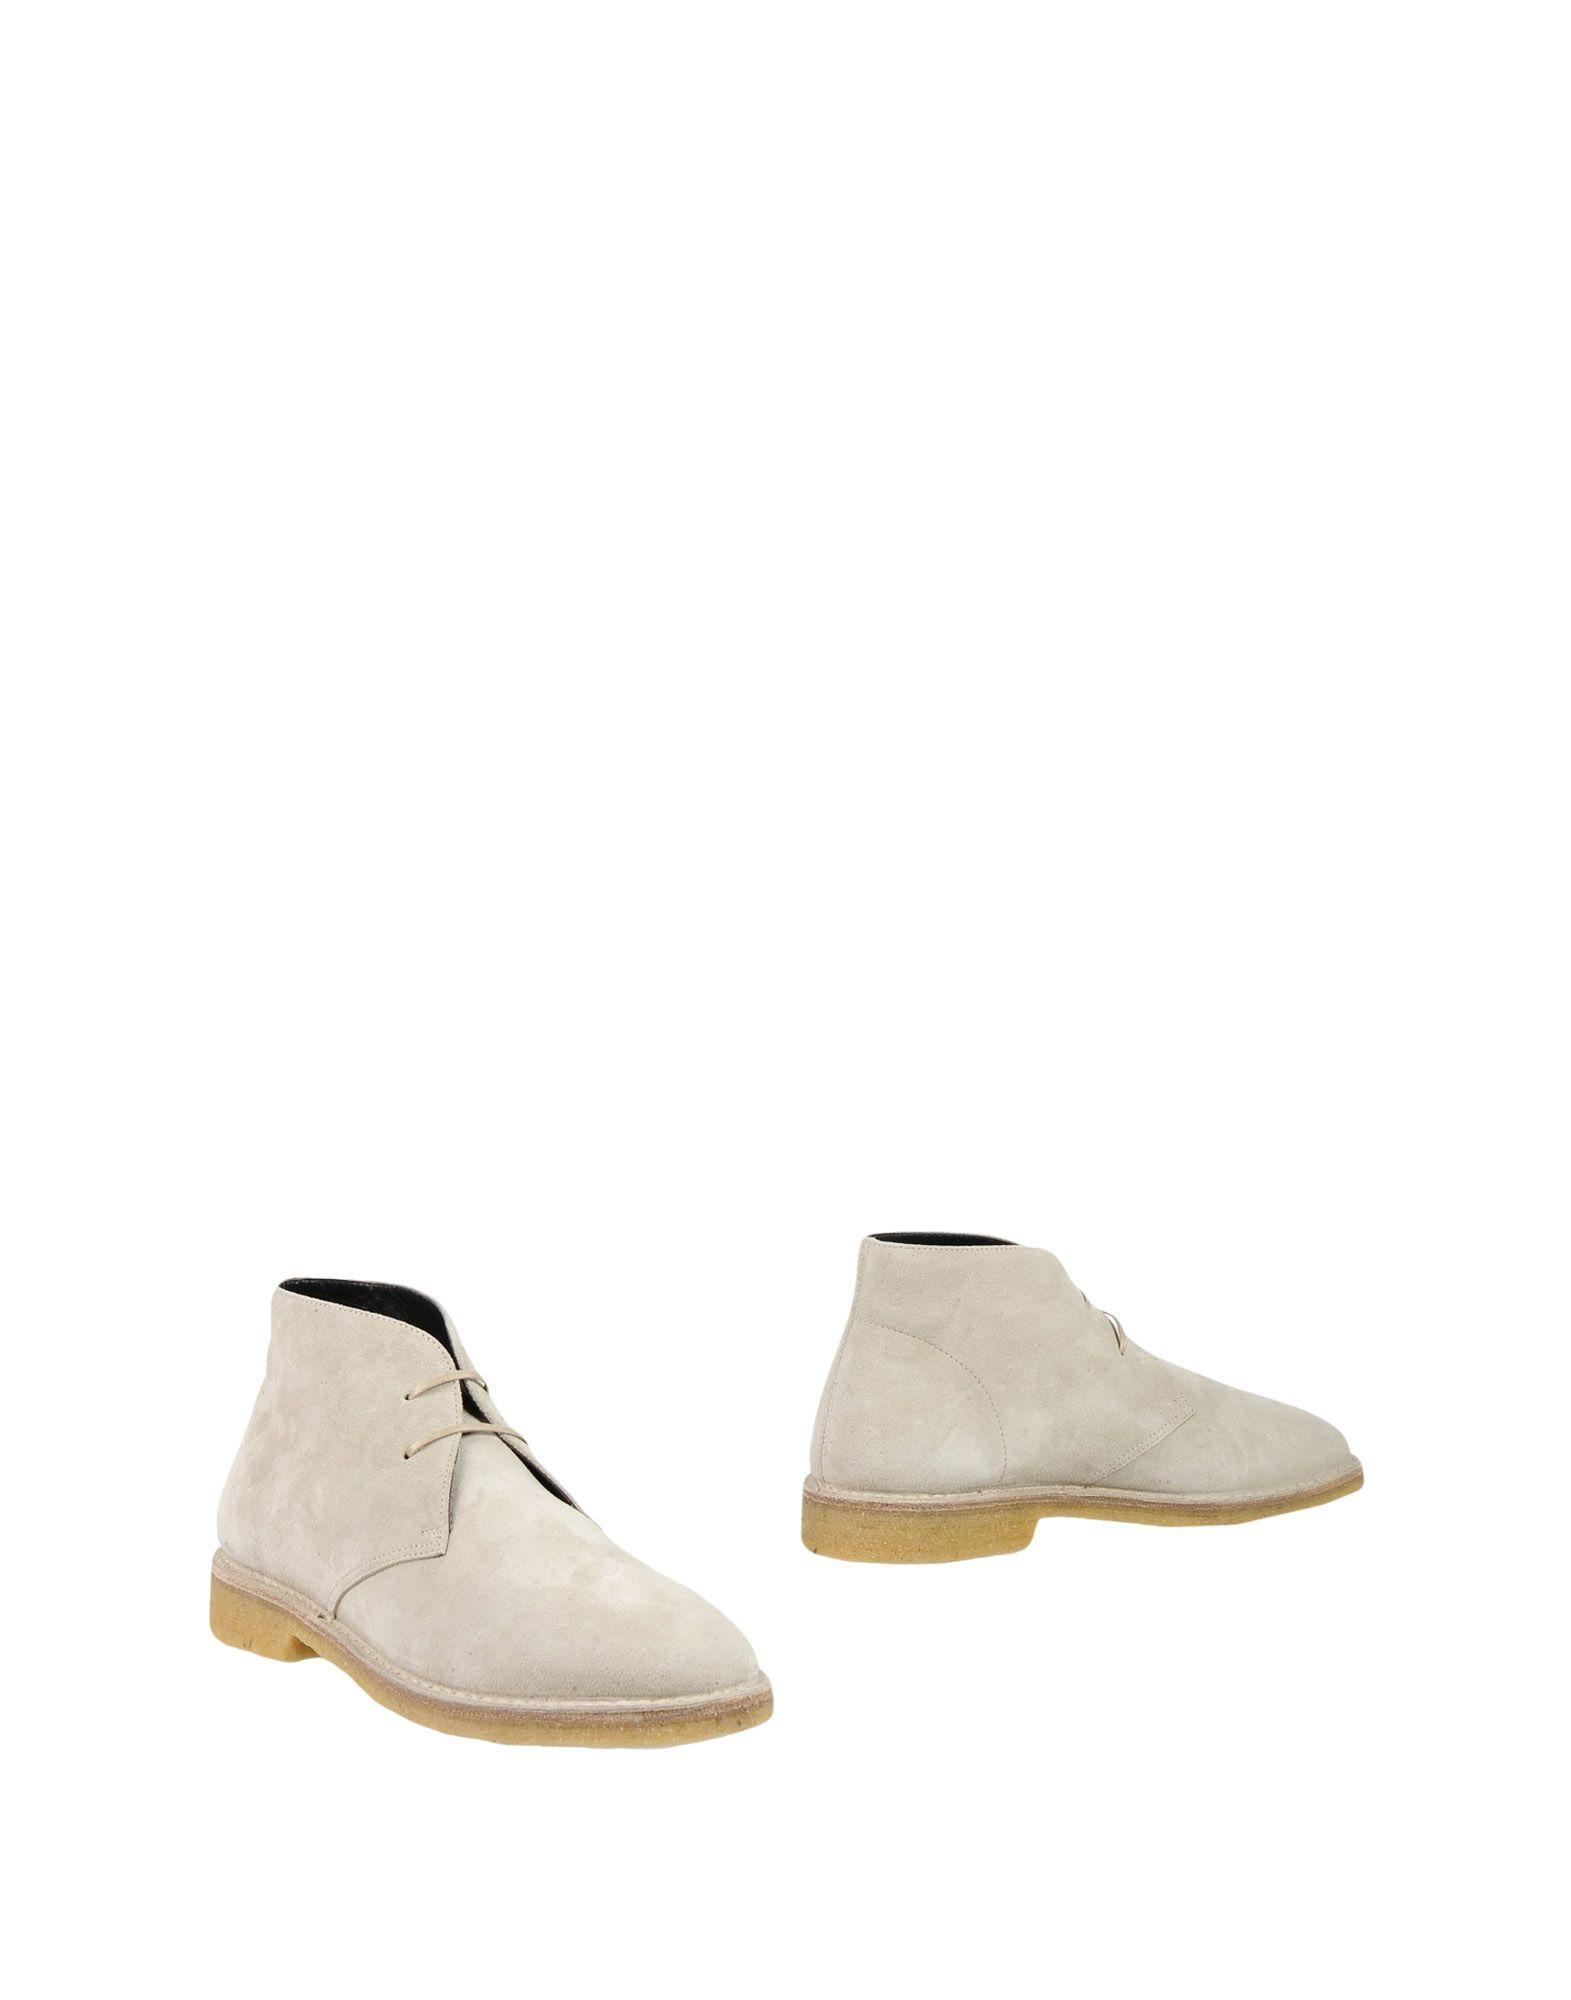 SAINT LAURENT Полусапоги и высокие ботинки цены онлайн